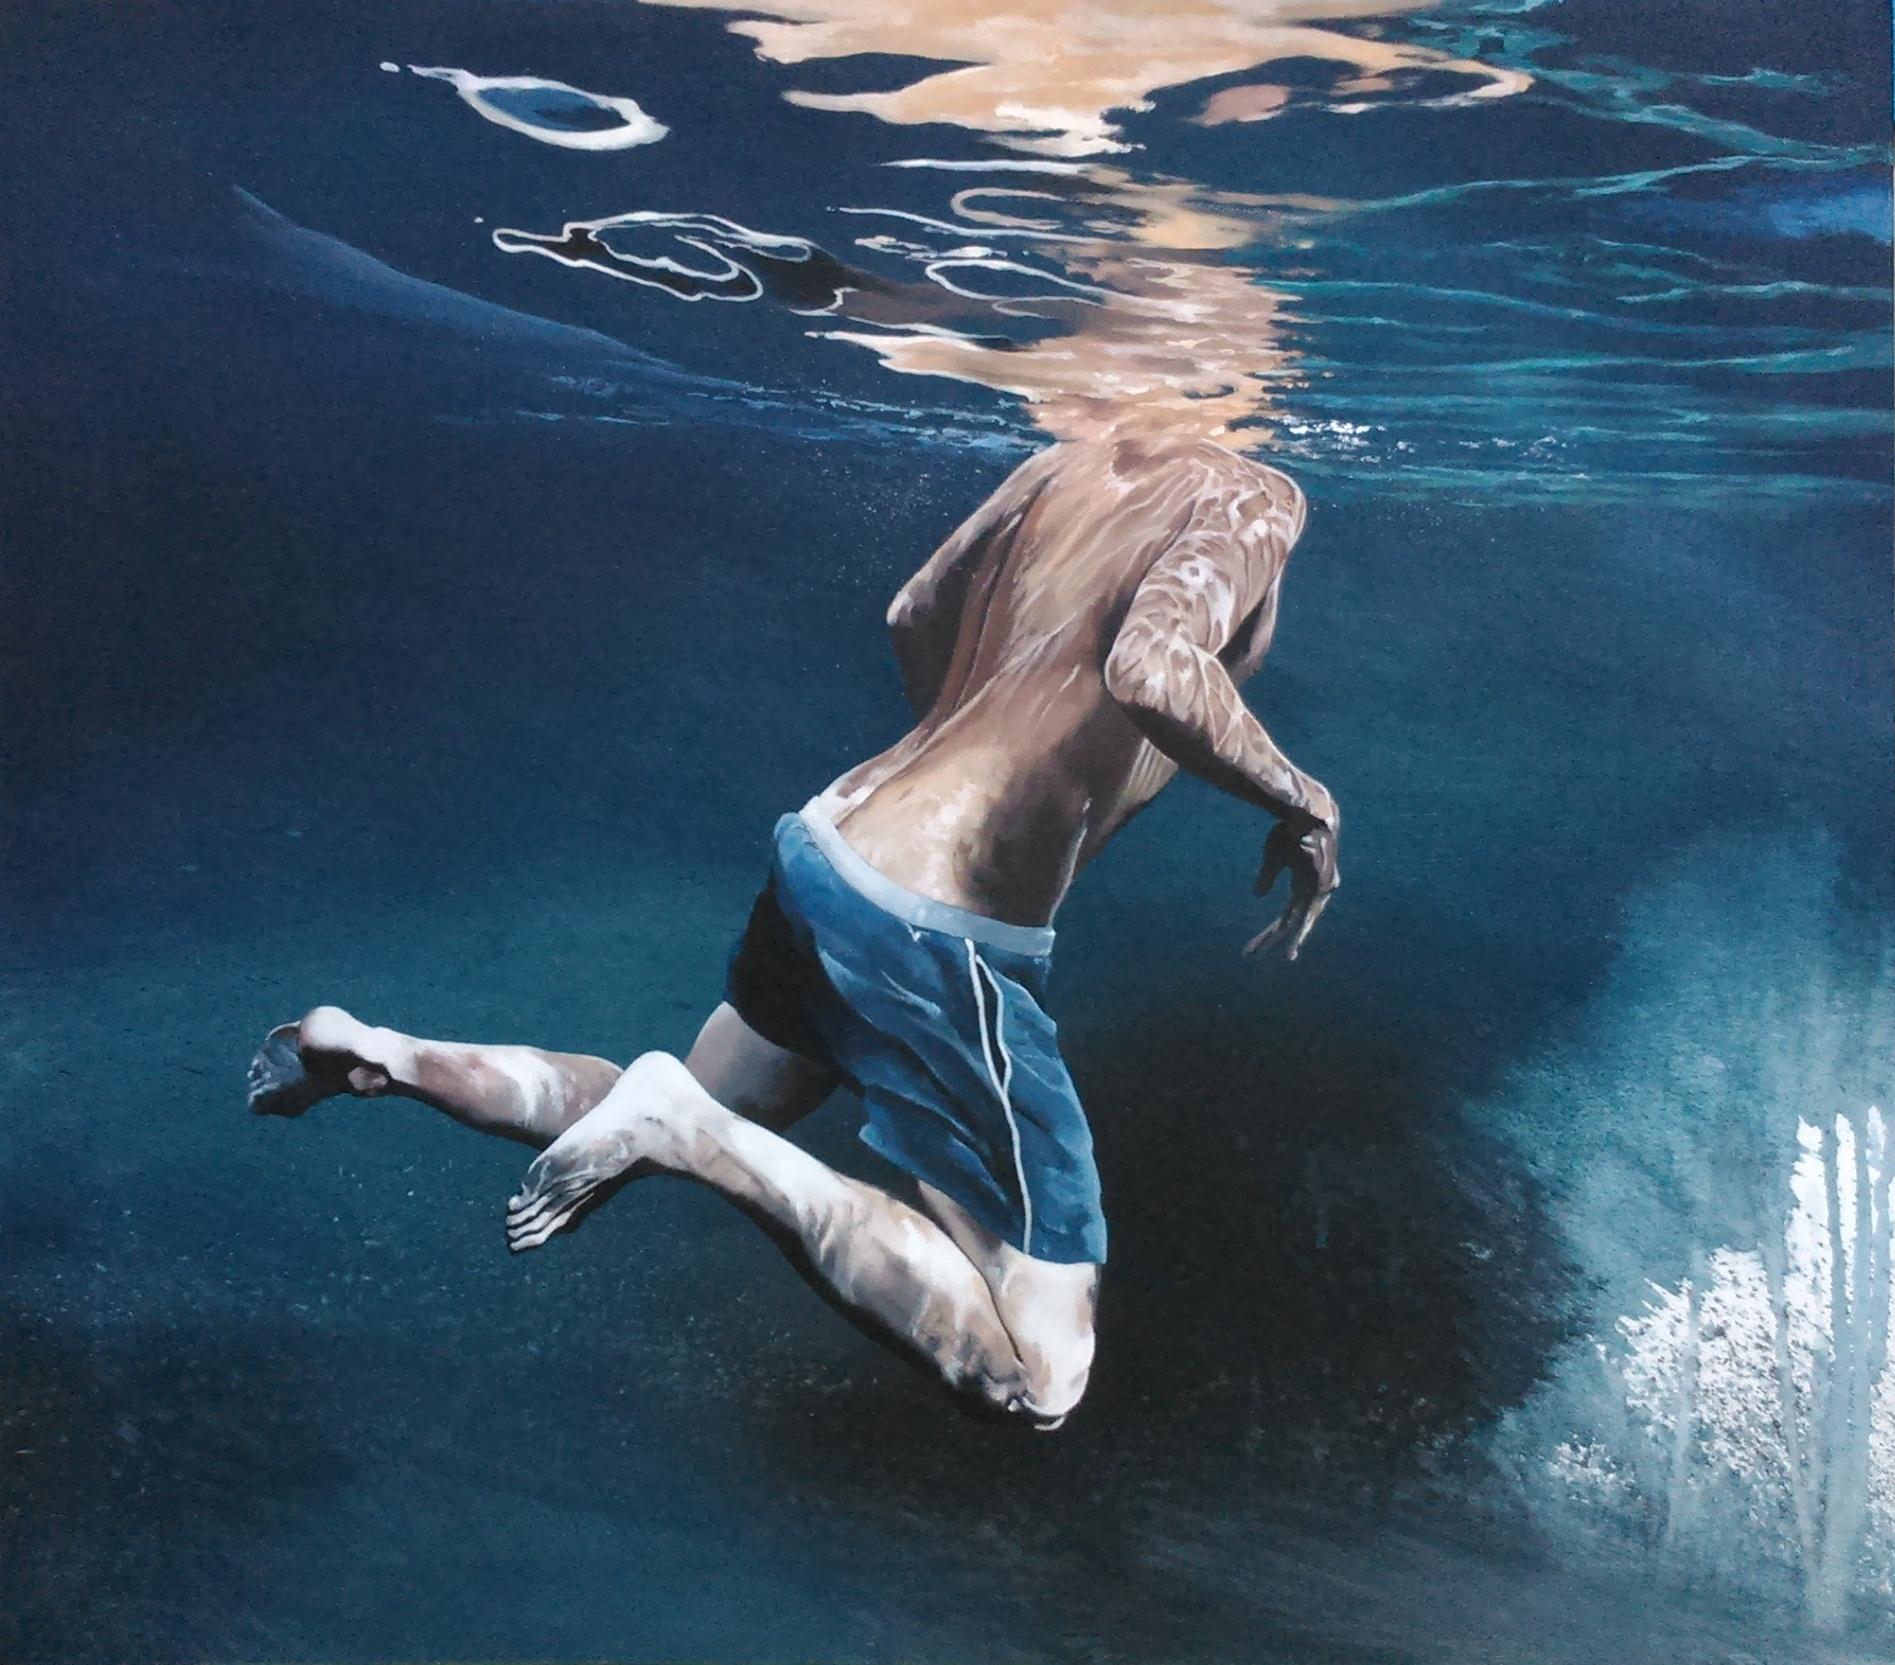 Nadando II